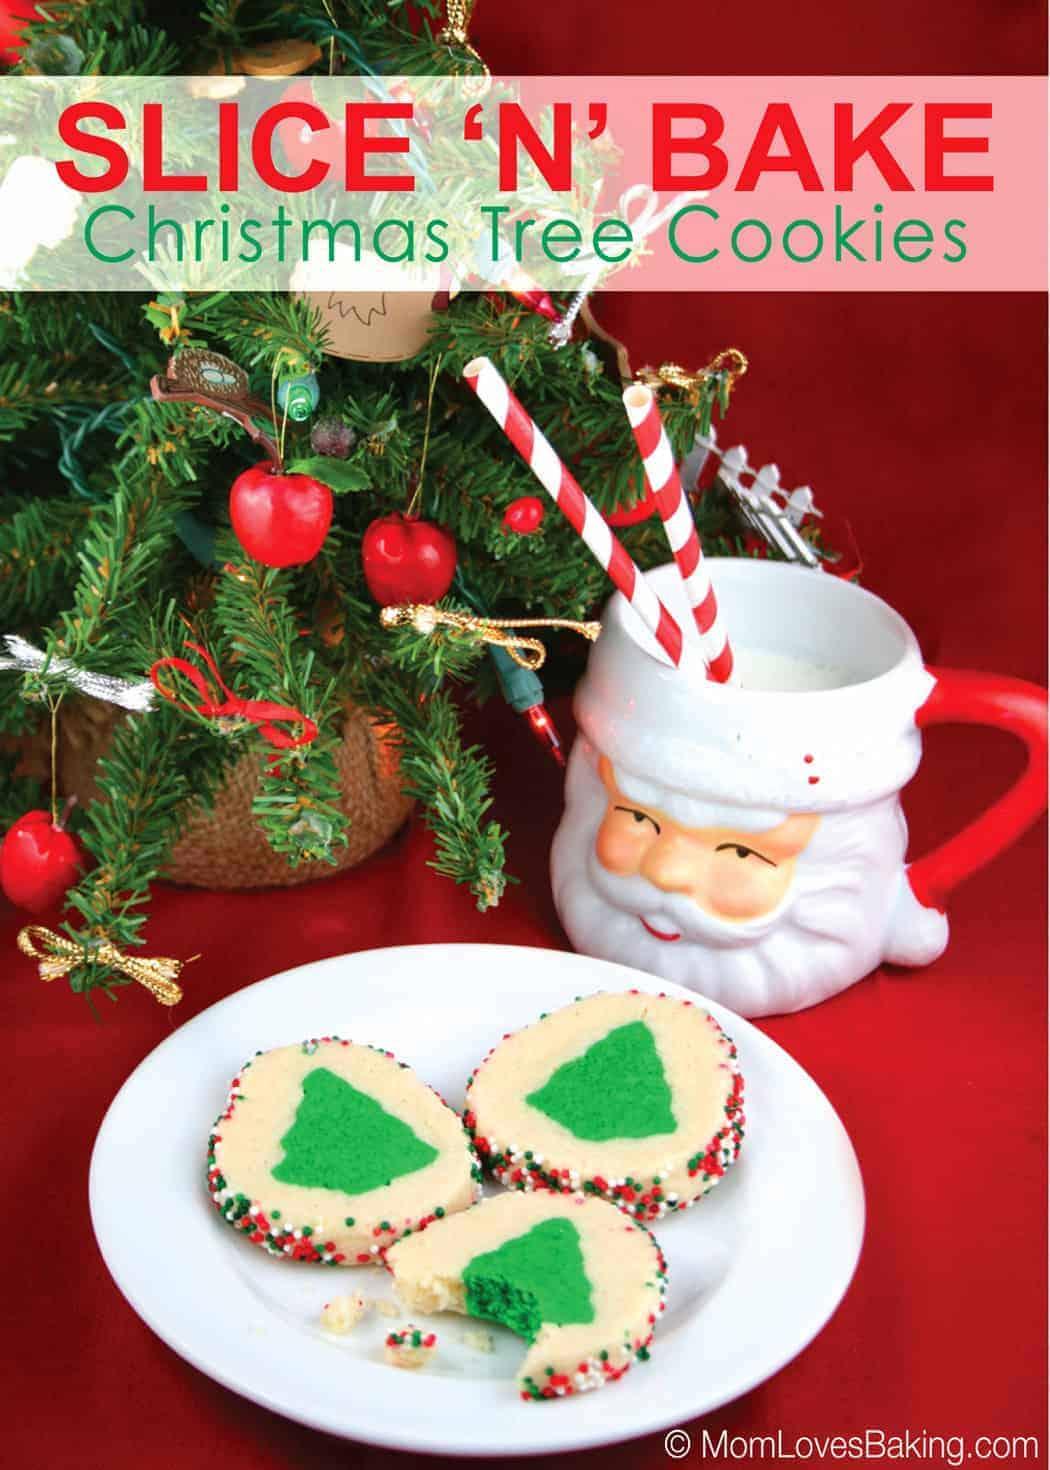 Slice-N-Bake Christmas Tree Cookies